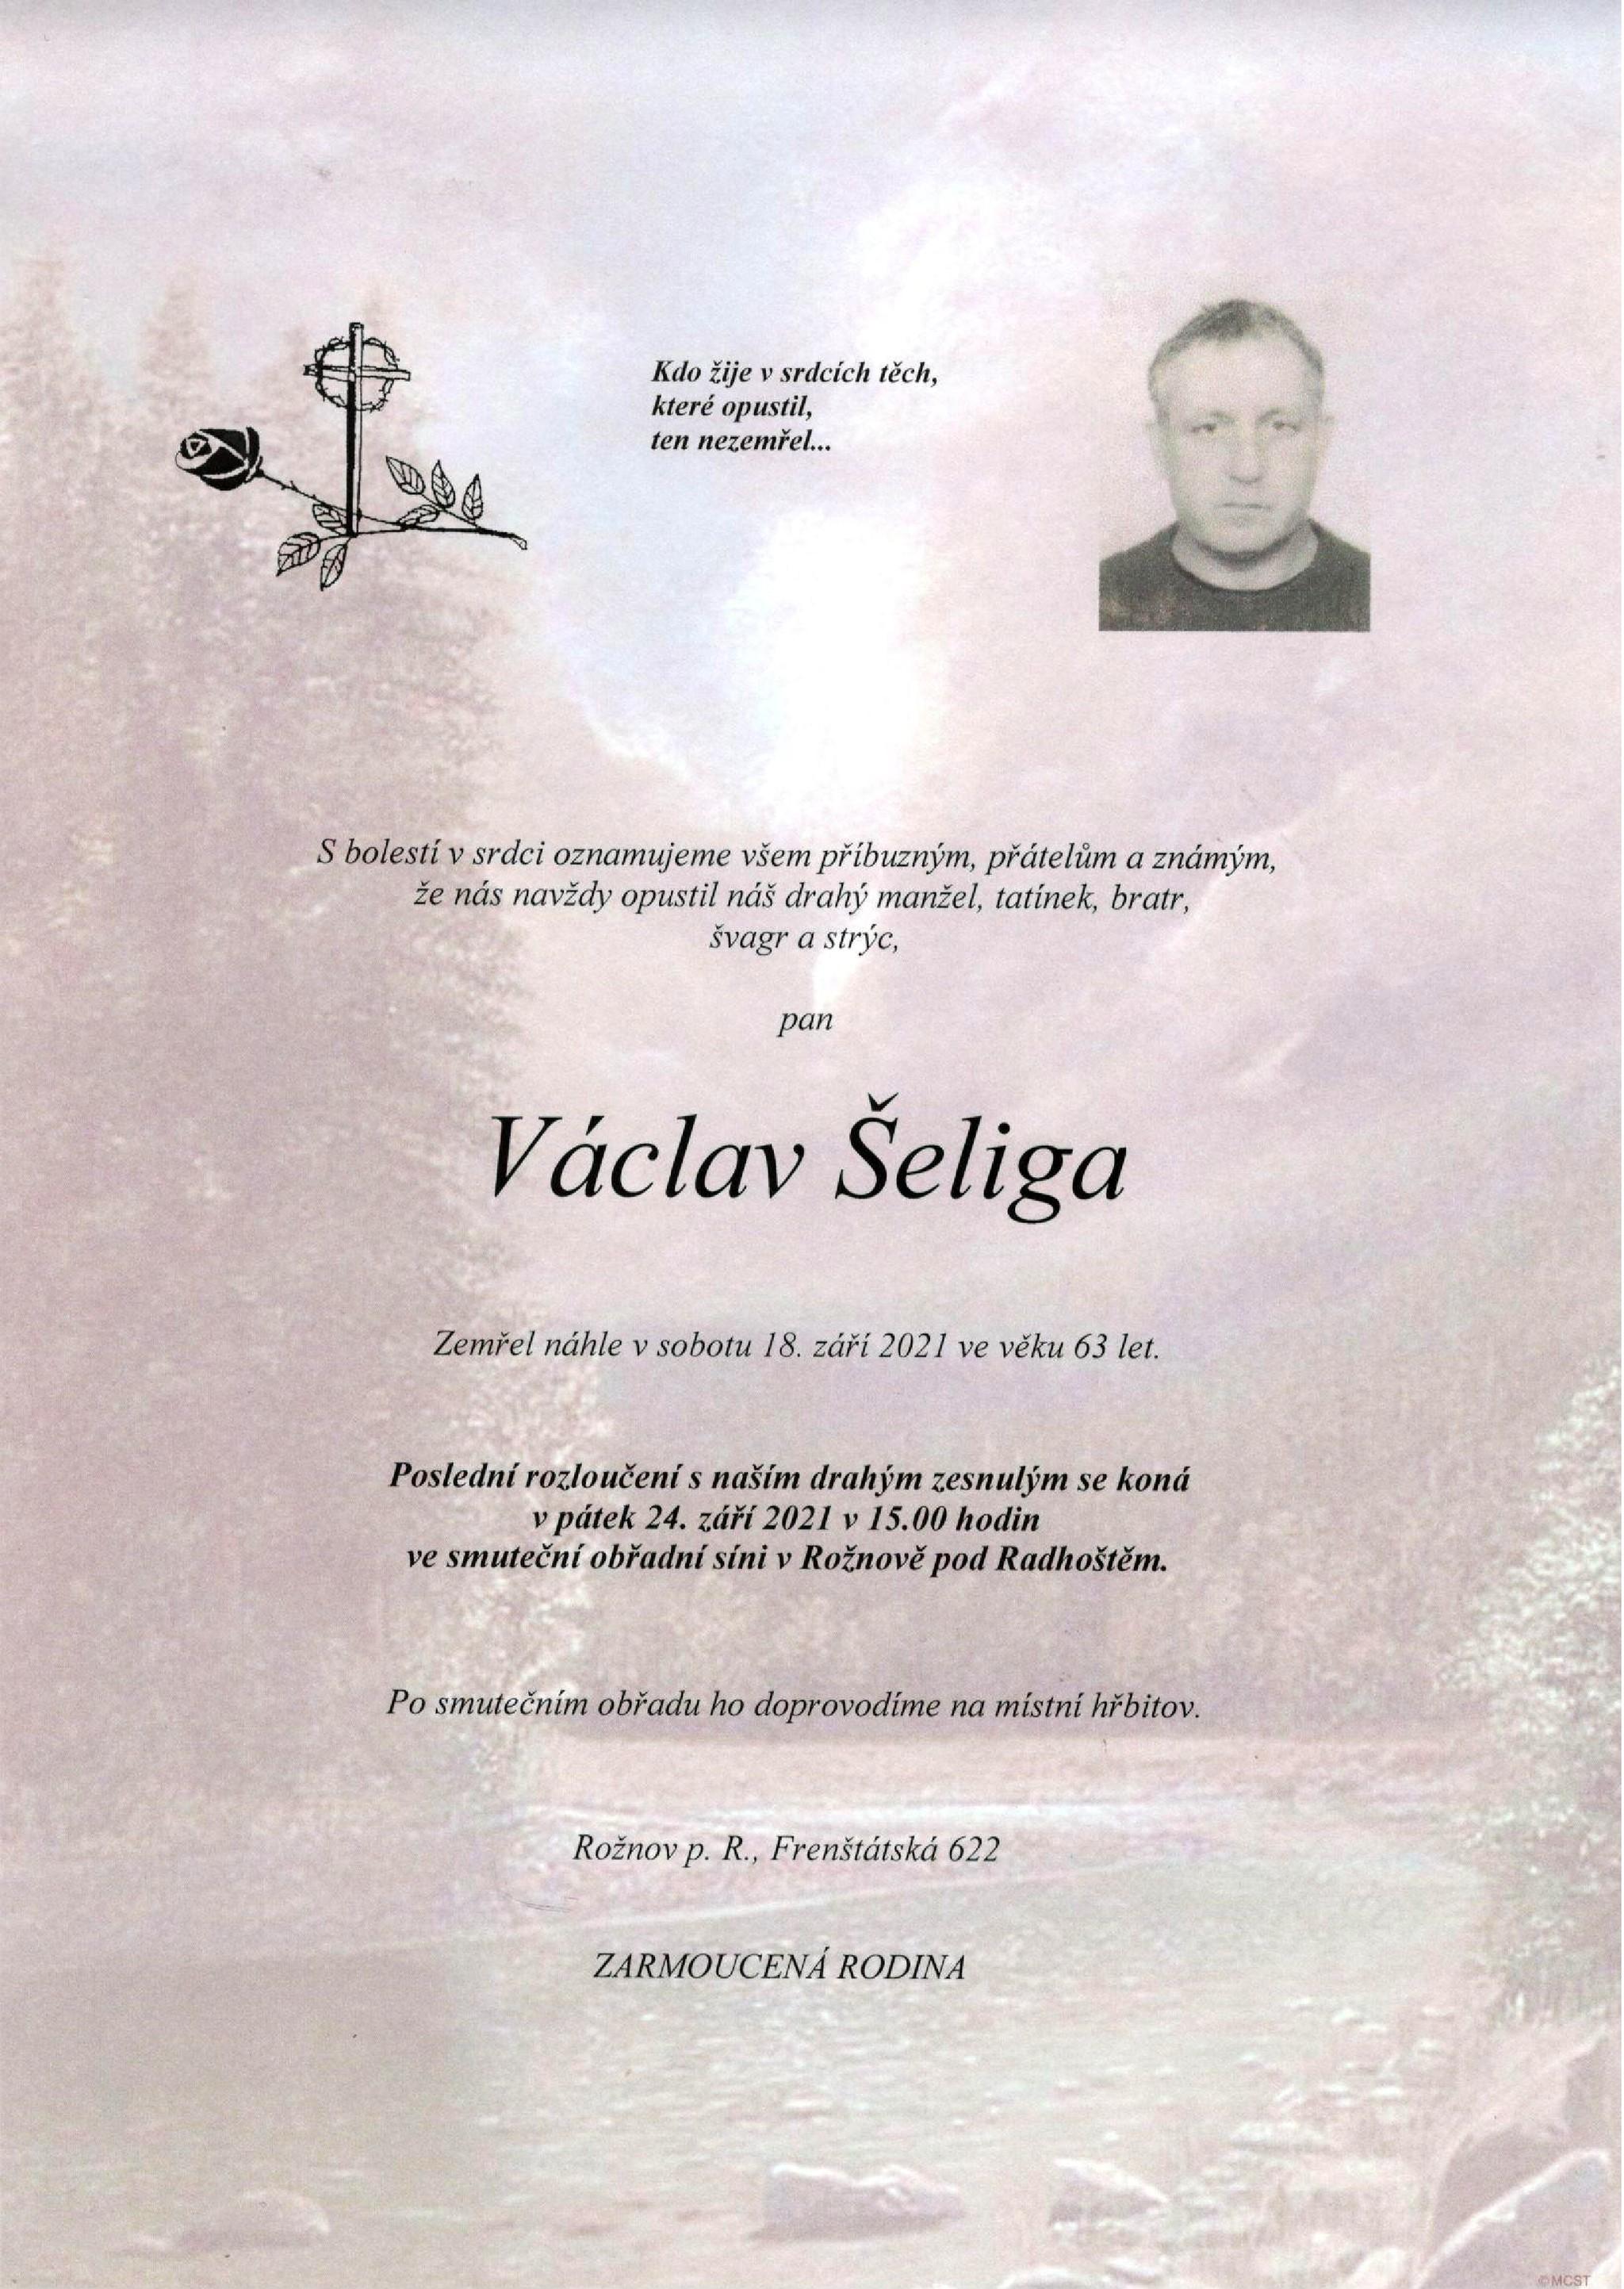 Václav Šeliga